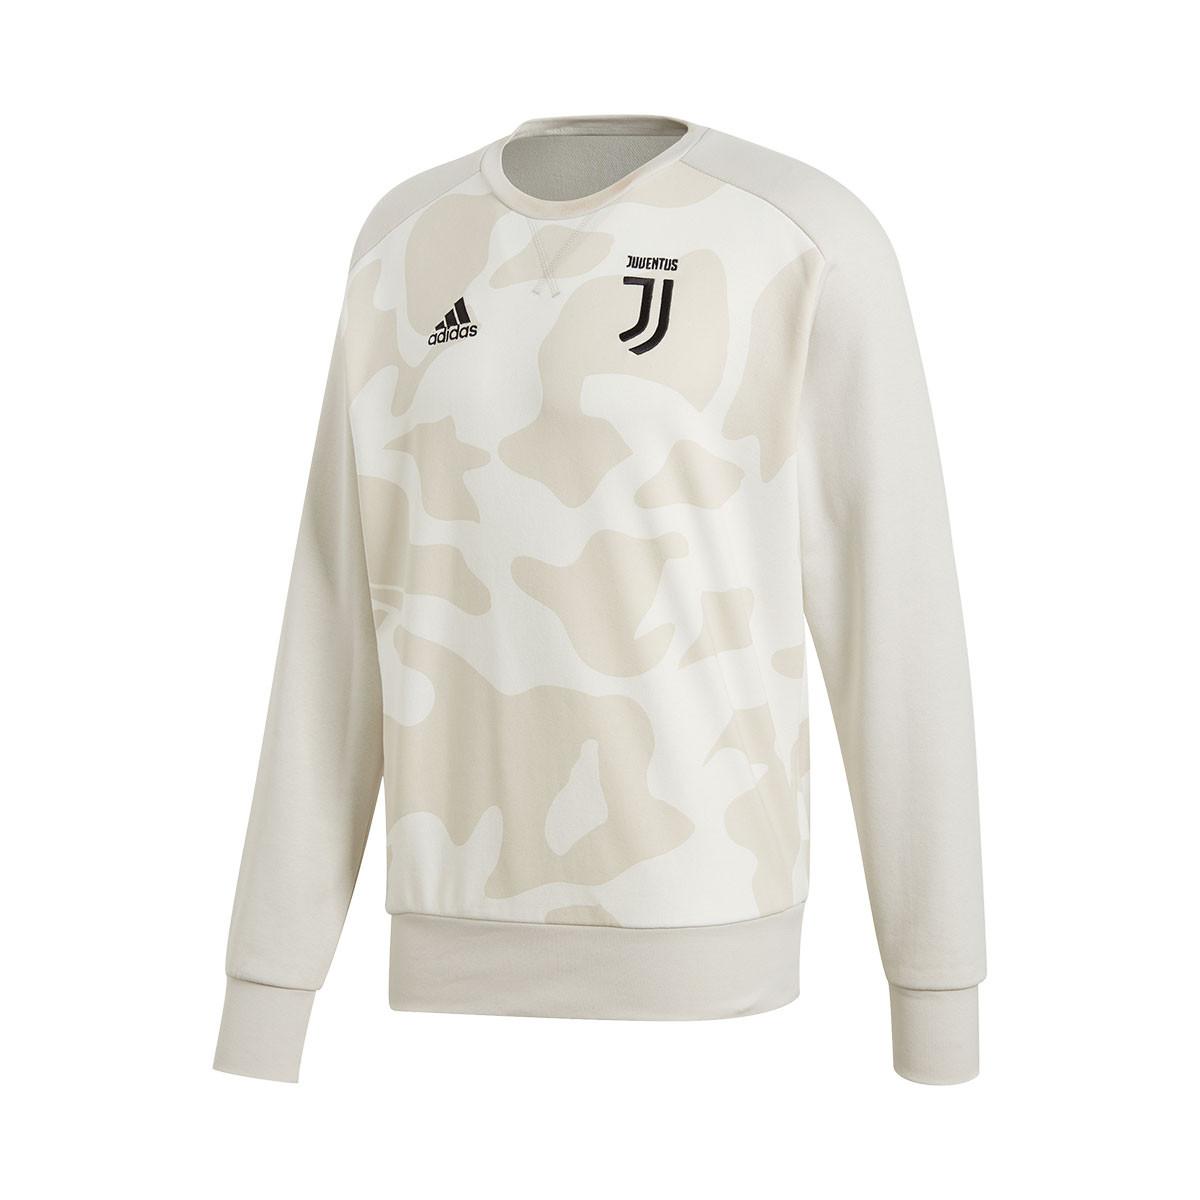 quality design 24a44 af376 Sudadera Juventus SSP CR Sweat 2019-2020 Camo print-Raw white